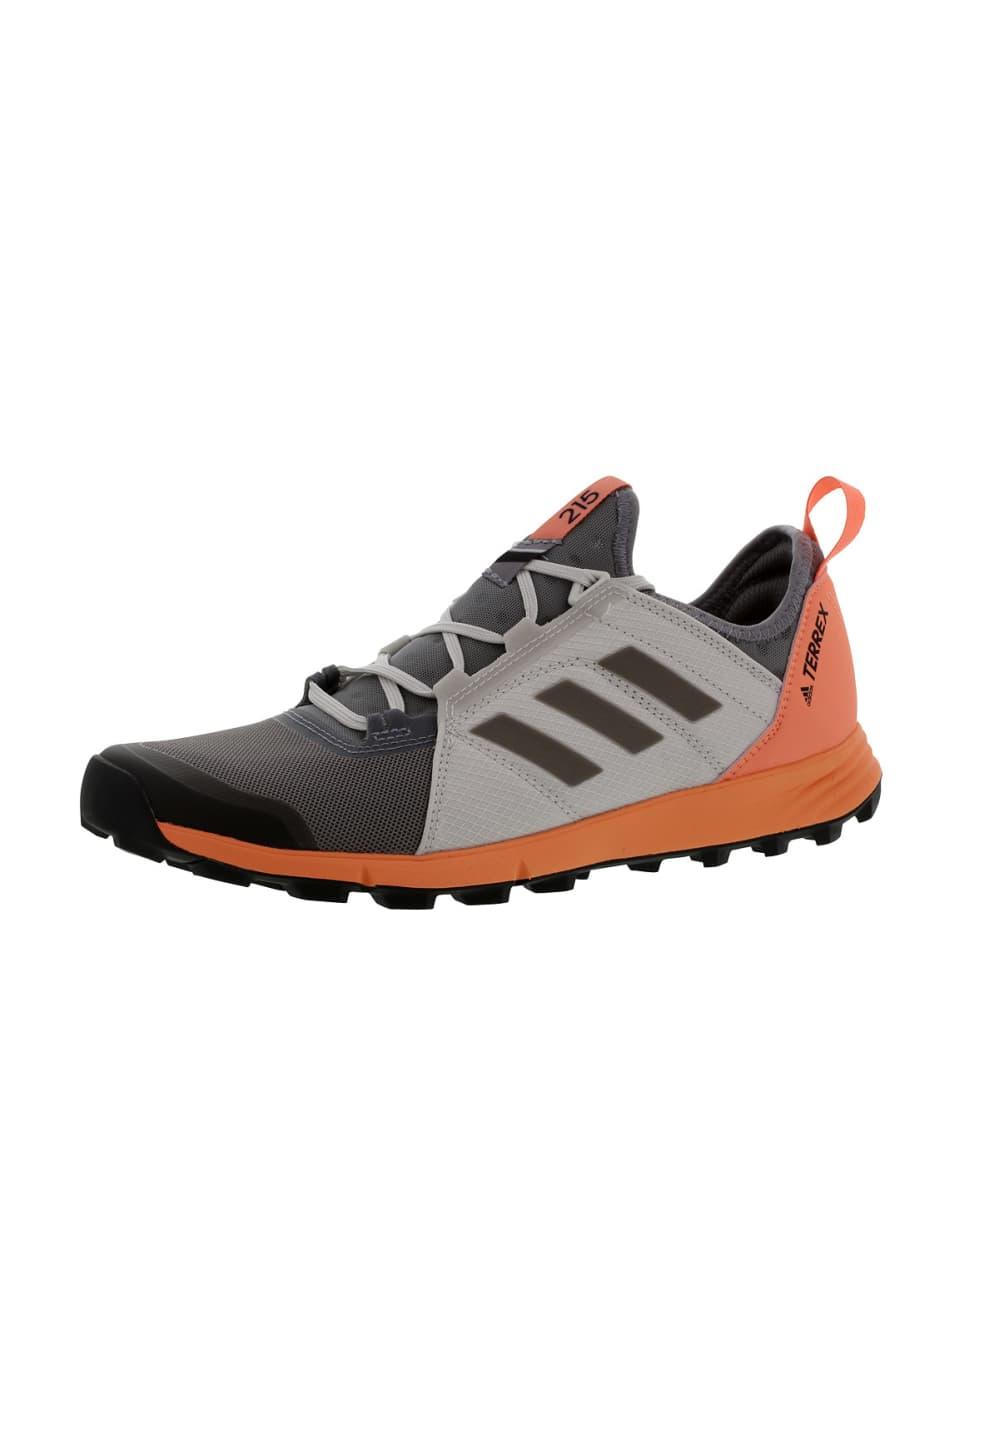 100% authentic 6e159 9258e Next. -60%. adidas TERREX. Terrex Agravic Speed - Zapatillas de running para  Mujer